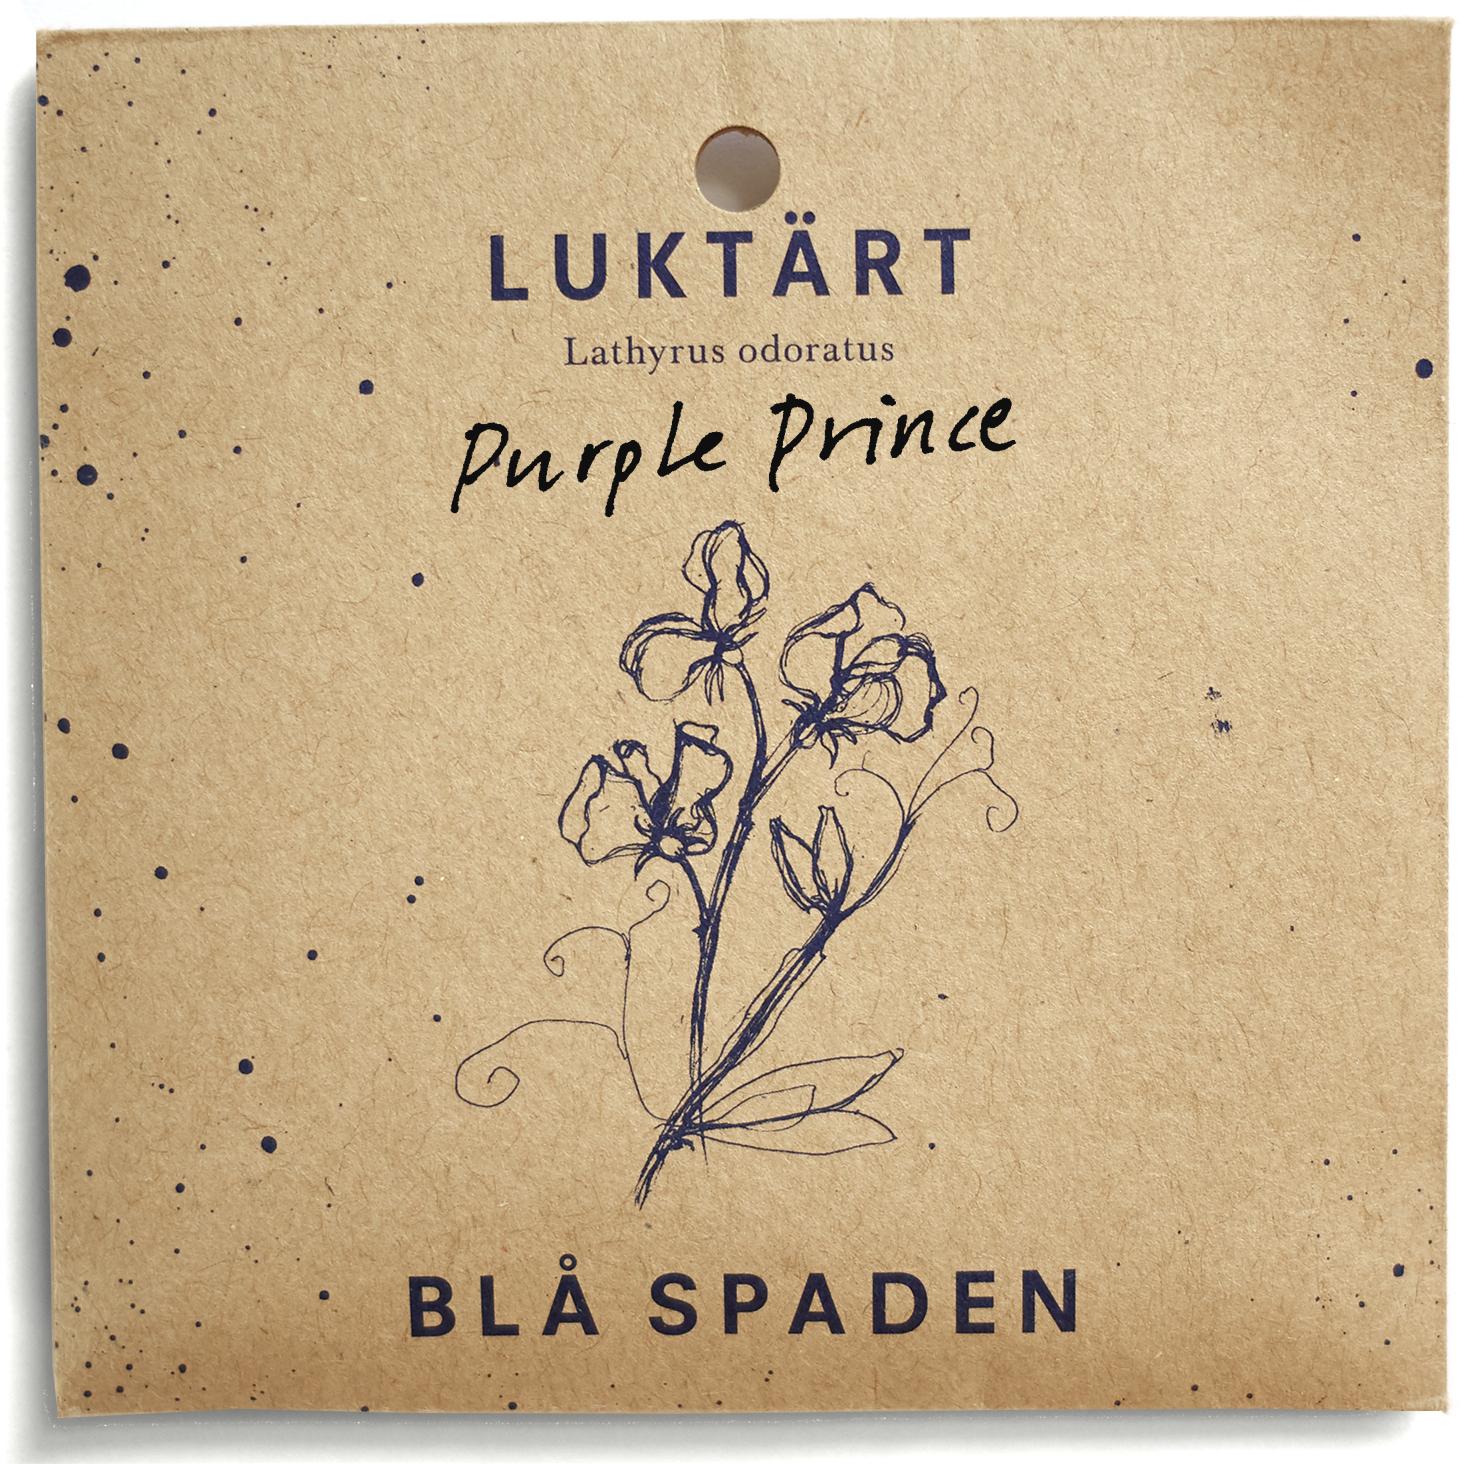 Purple Prince - Tvåfärgad luktärt i purpur och violett. Framtagen av Henry Eckford 1886.